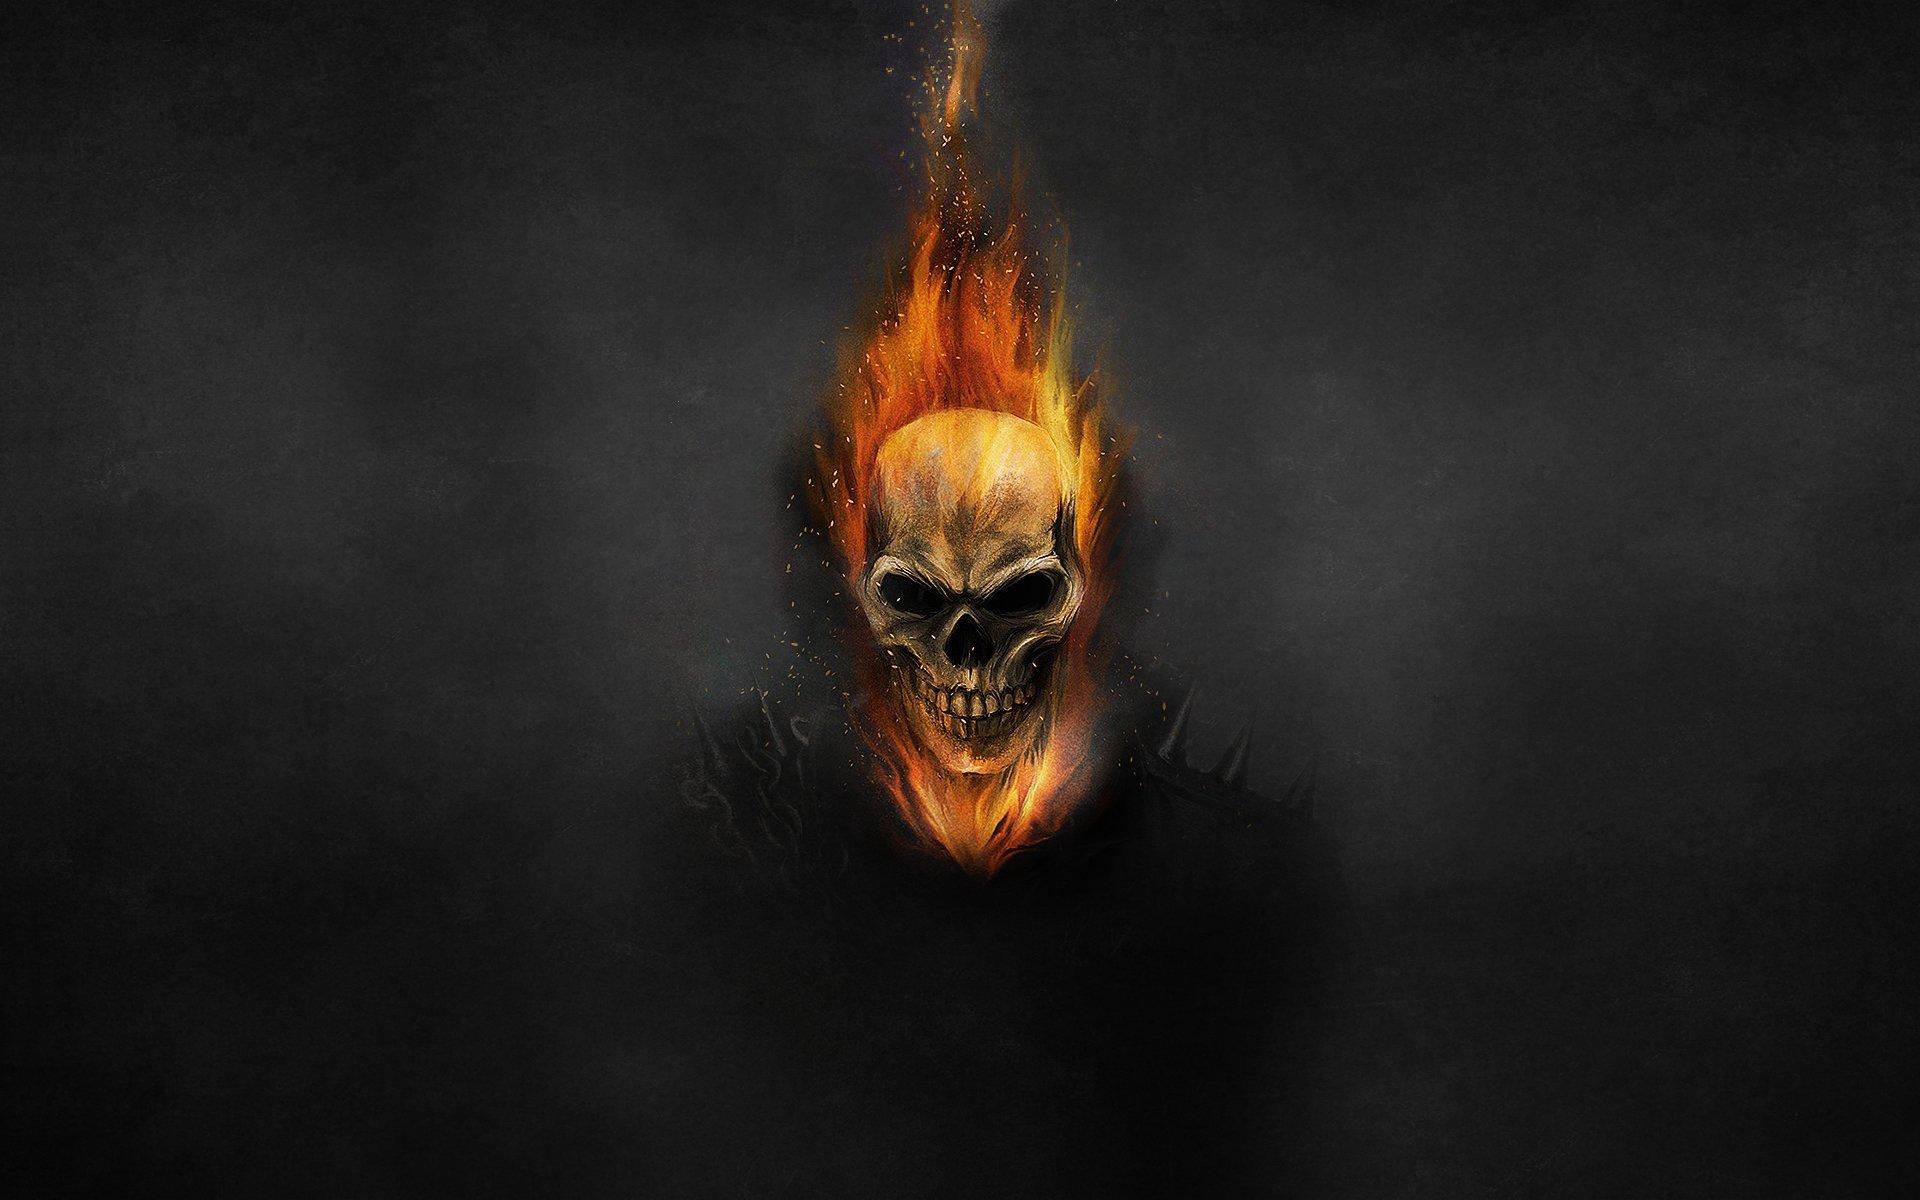 ghost rider skull wallpaper - sf wallpaper